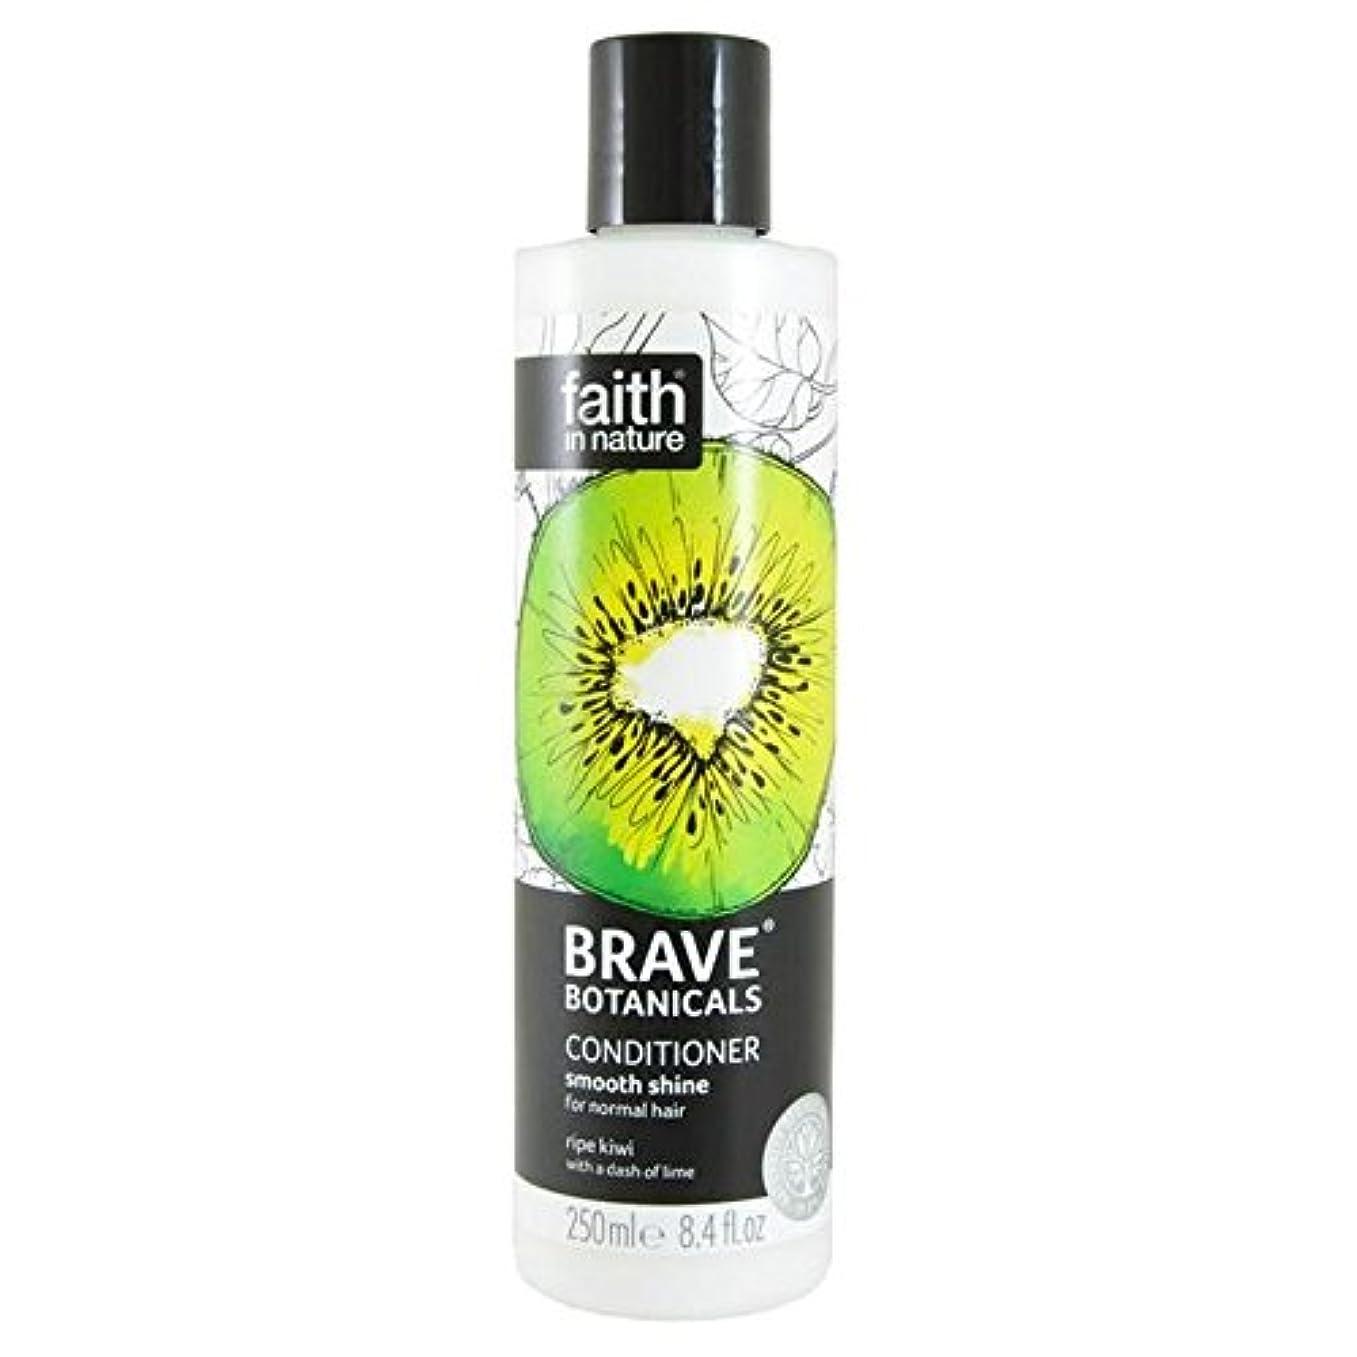 疑い無限思慮のないBrave Botanicals Kiwi & Lime Smooth Shine Conditioner 250ml (Pack of 4) - (Faith In Nature) 勇敢な植物キウイ&ライムなめらかな輝きコンディショナー250Ml (x4) [並行輸入品]